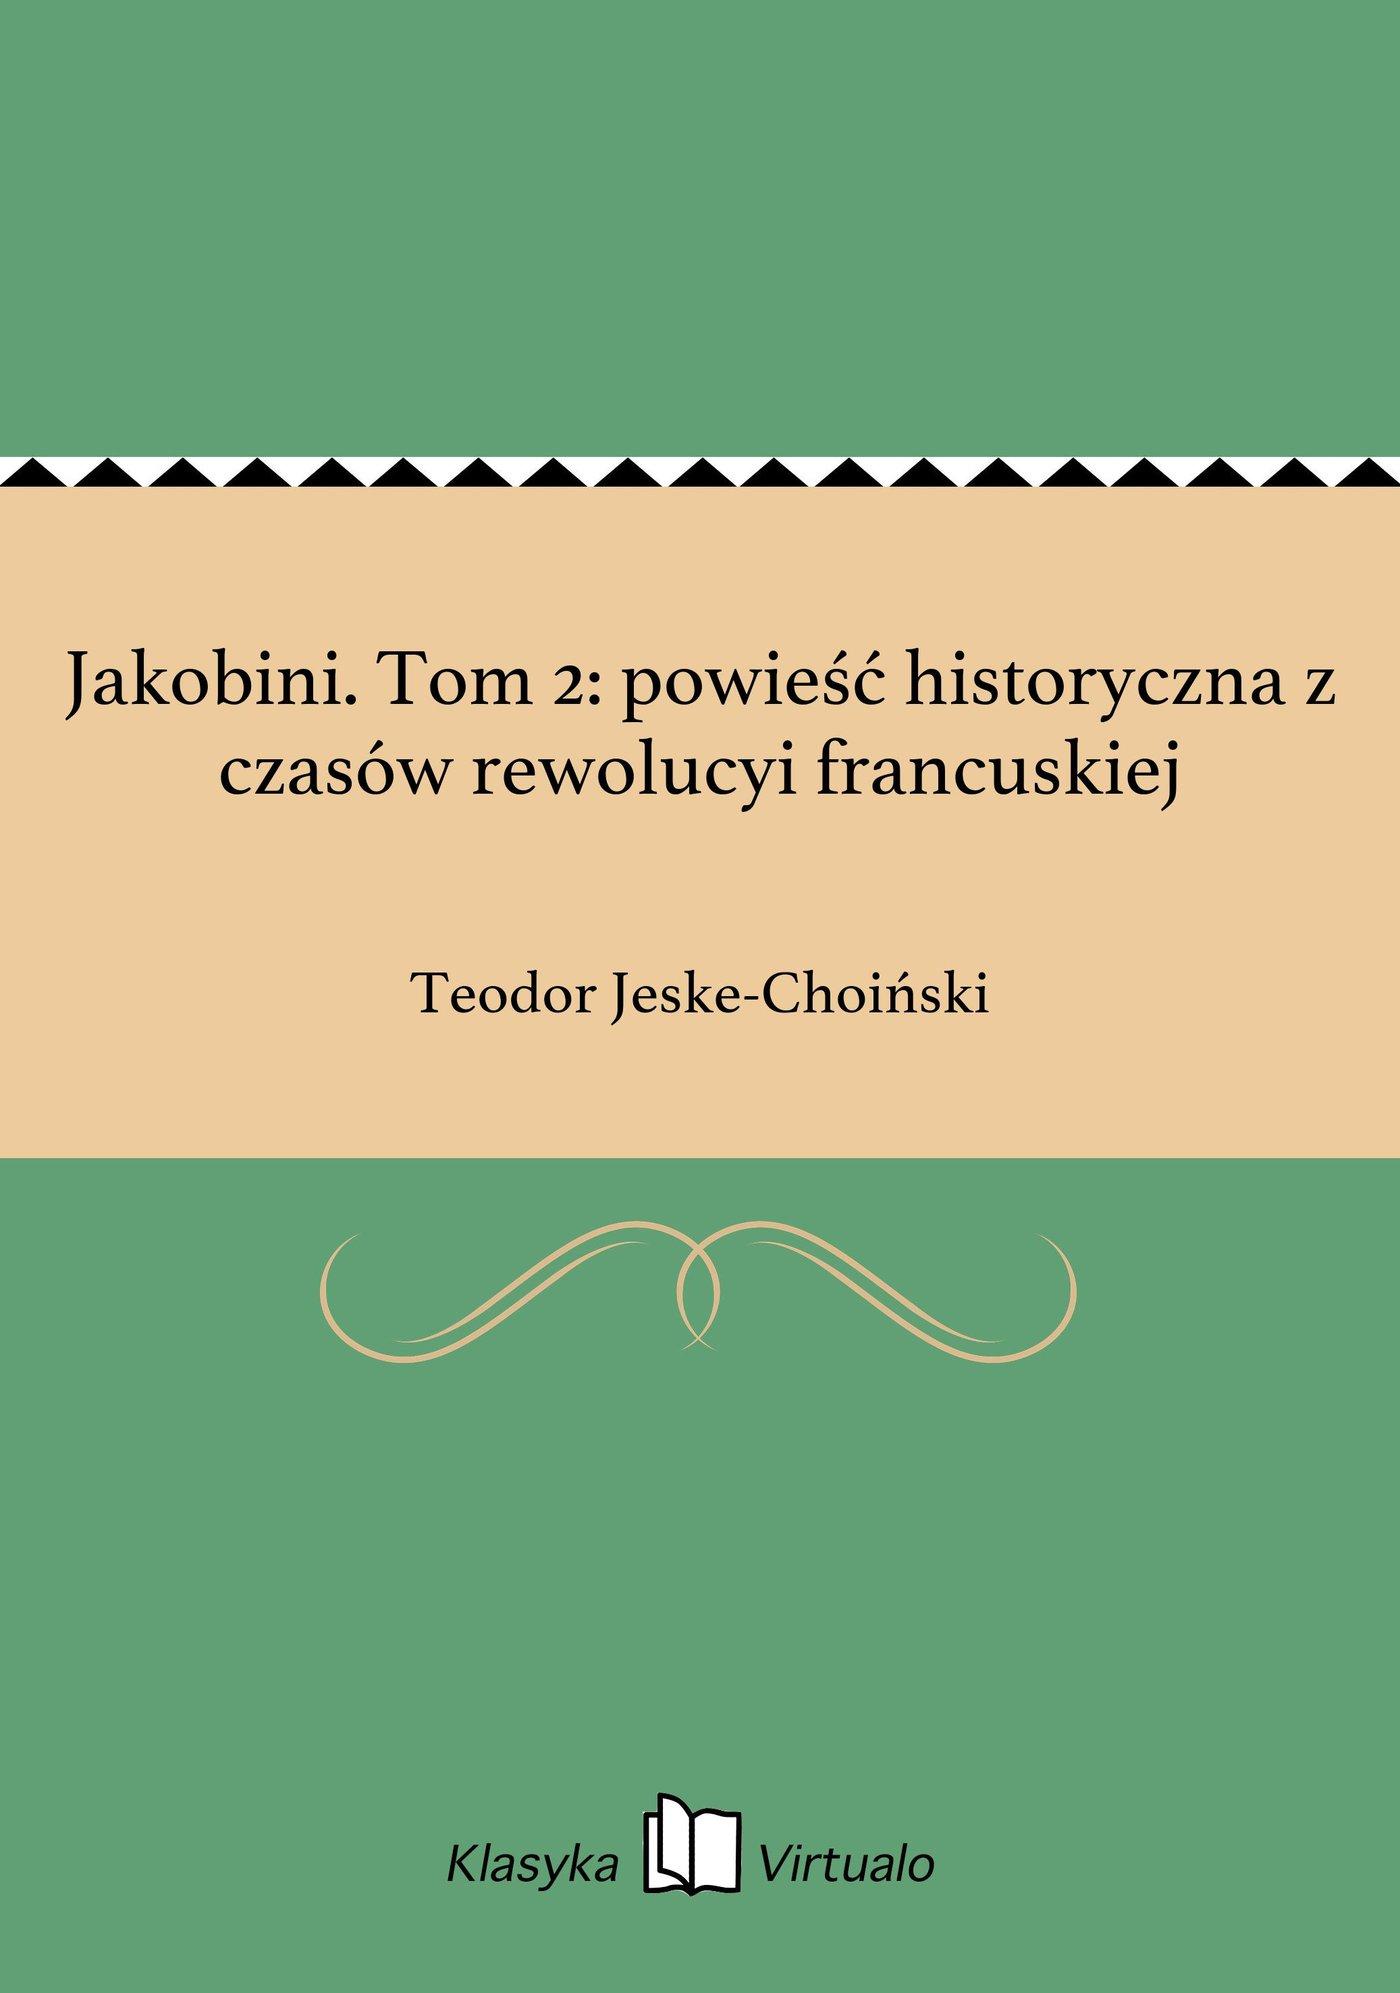 Jakobini. Tom 2: powieść historyczna z czasów rewolucyi francuskiej - Ebook (Książka na Kindle) do pobrania w formacie MOBI